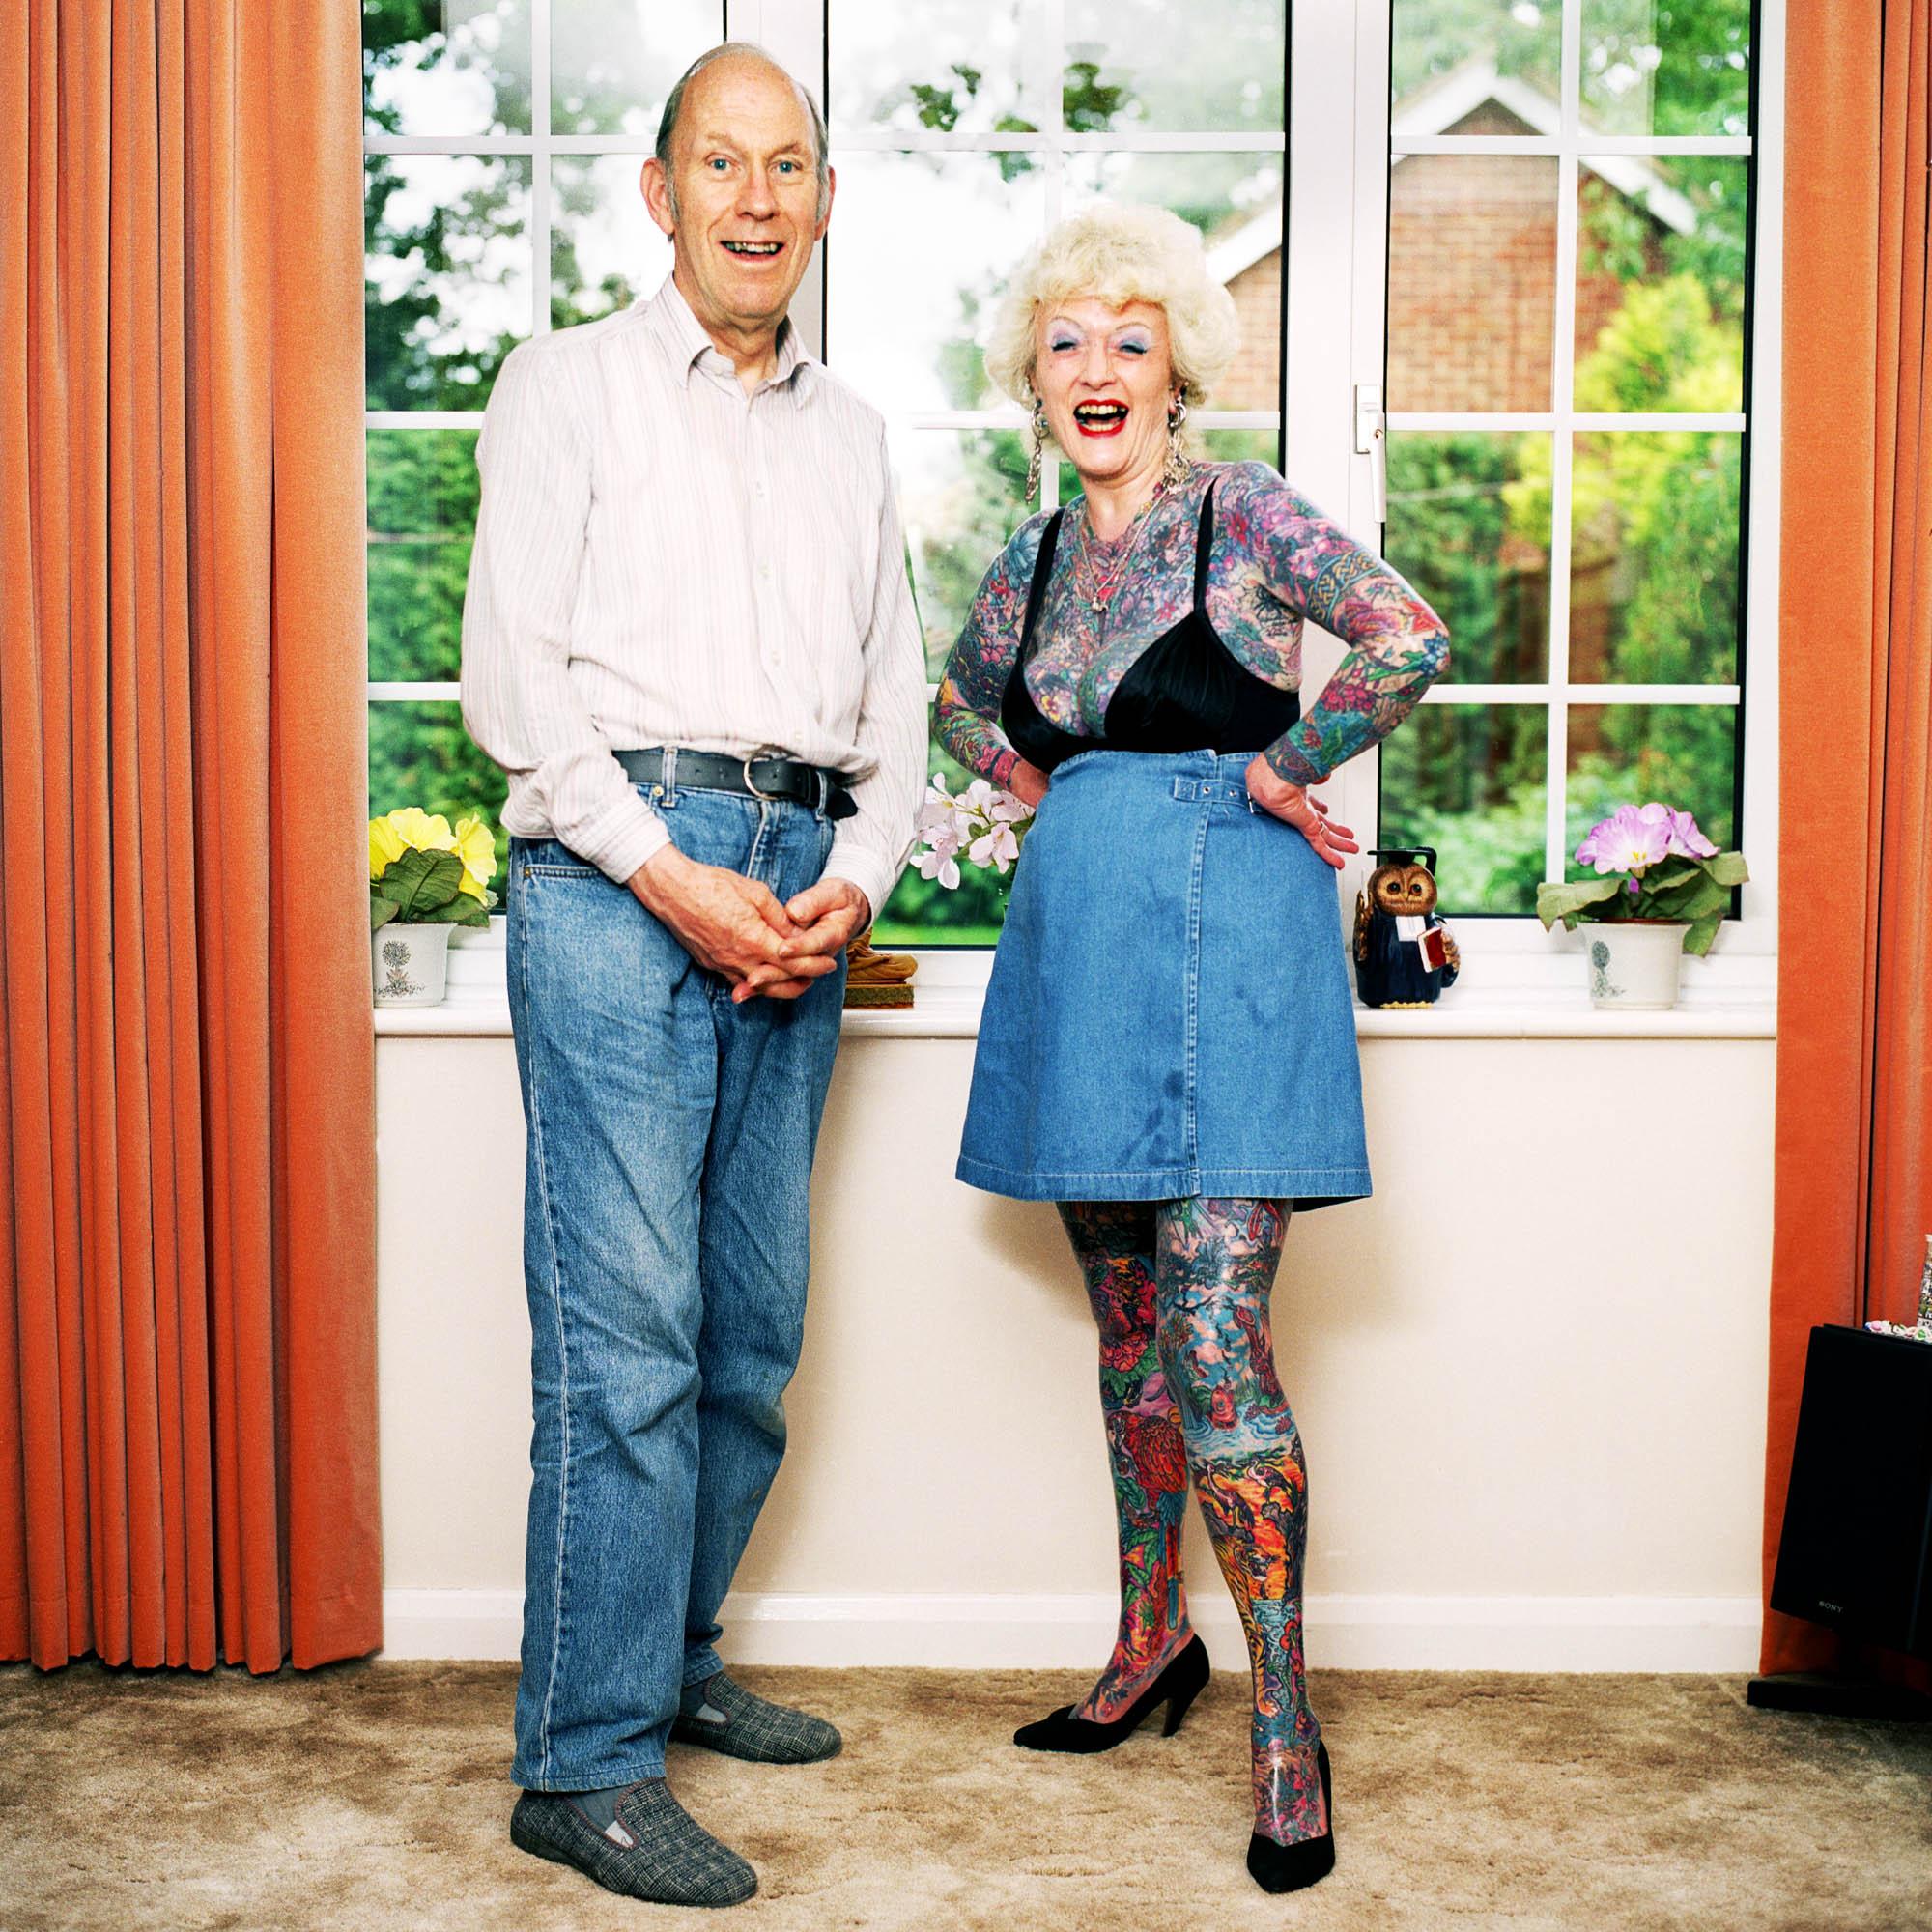 Старики и девочки порно онлайн 21 фотография